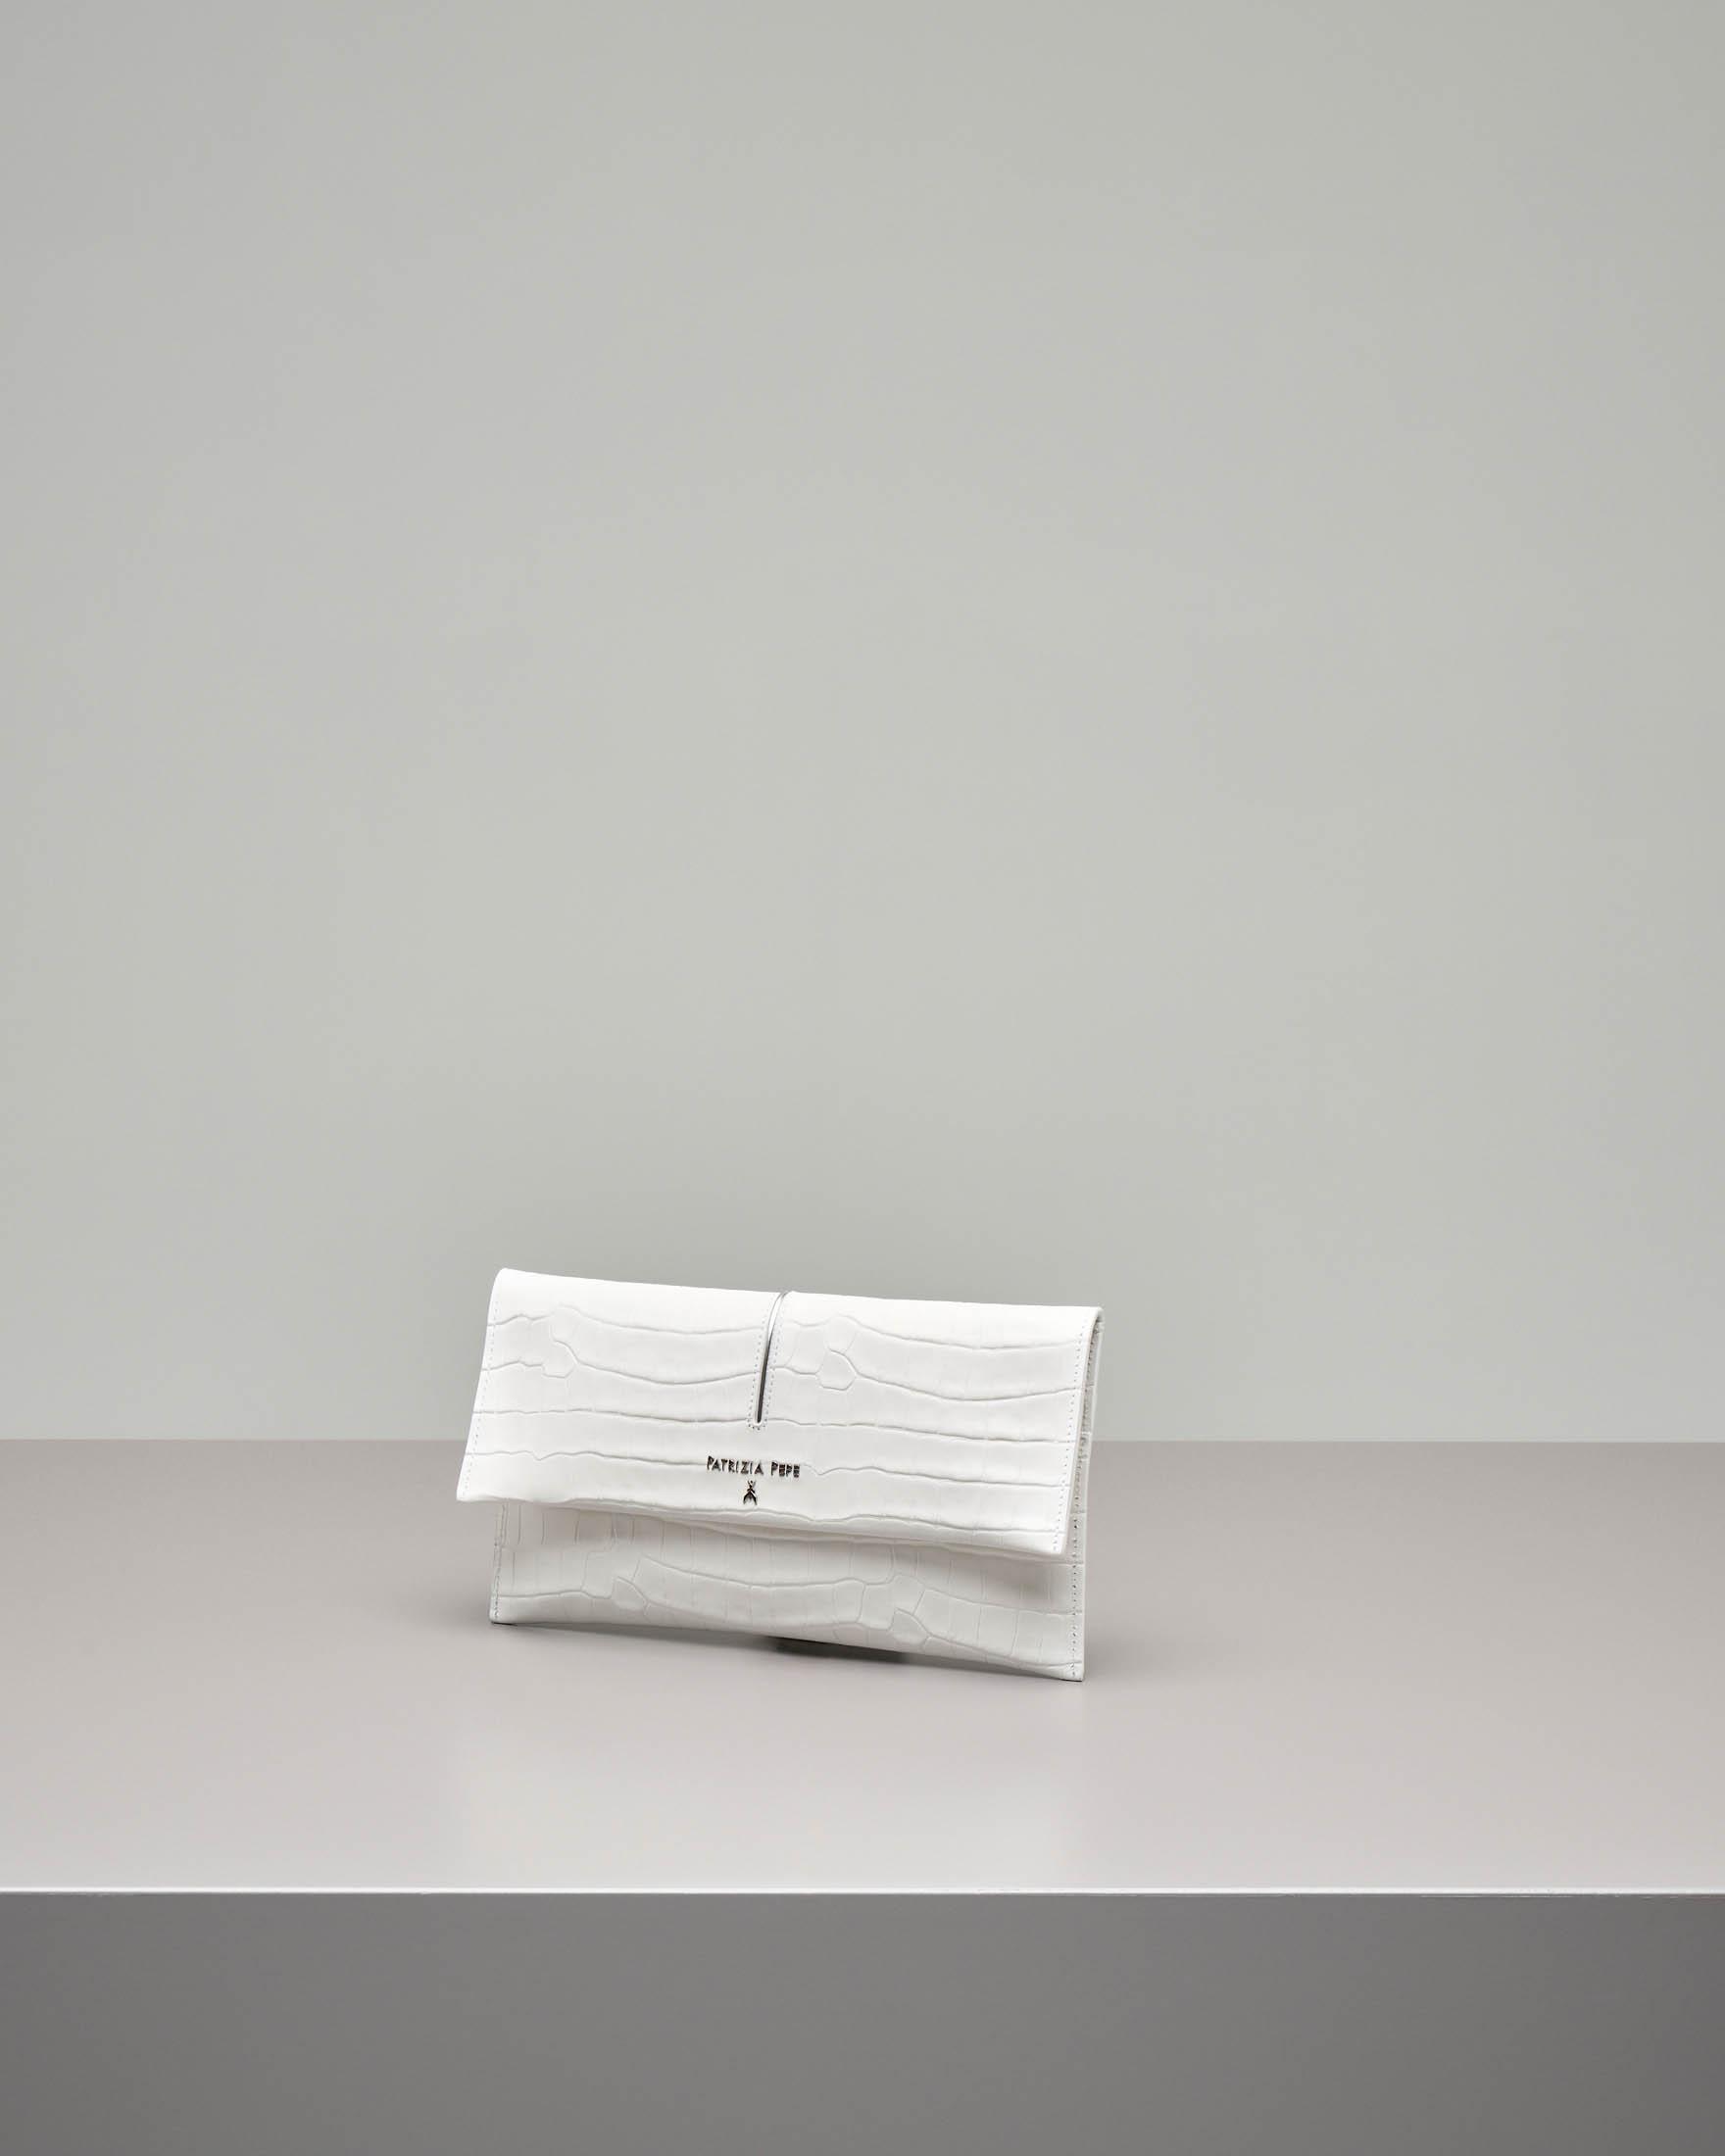 Pochette in pelle color bianco stampa coco con patella e tracolla removibile